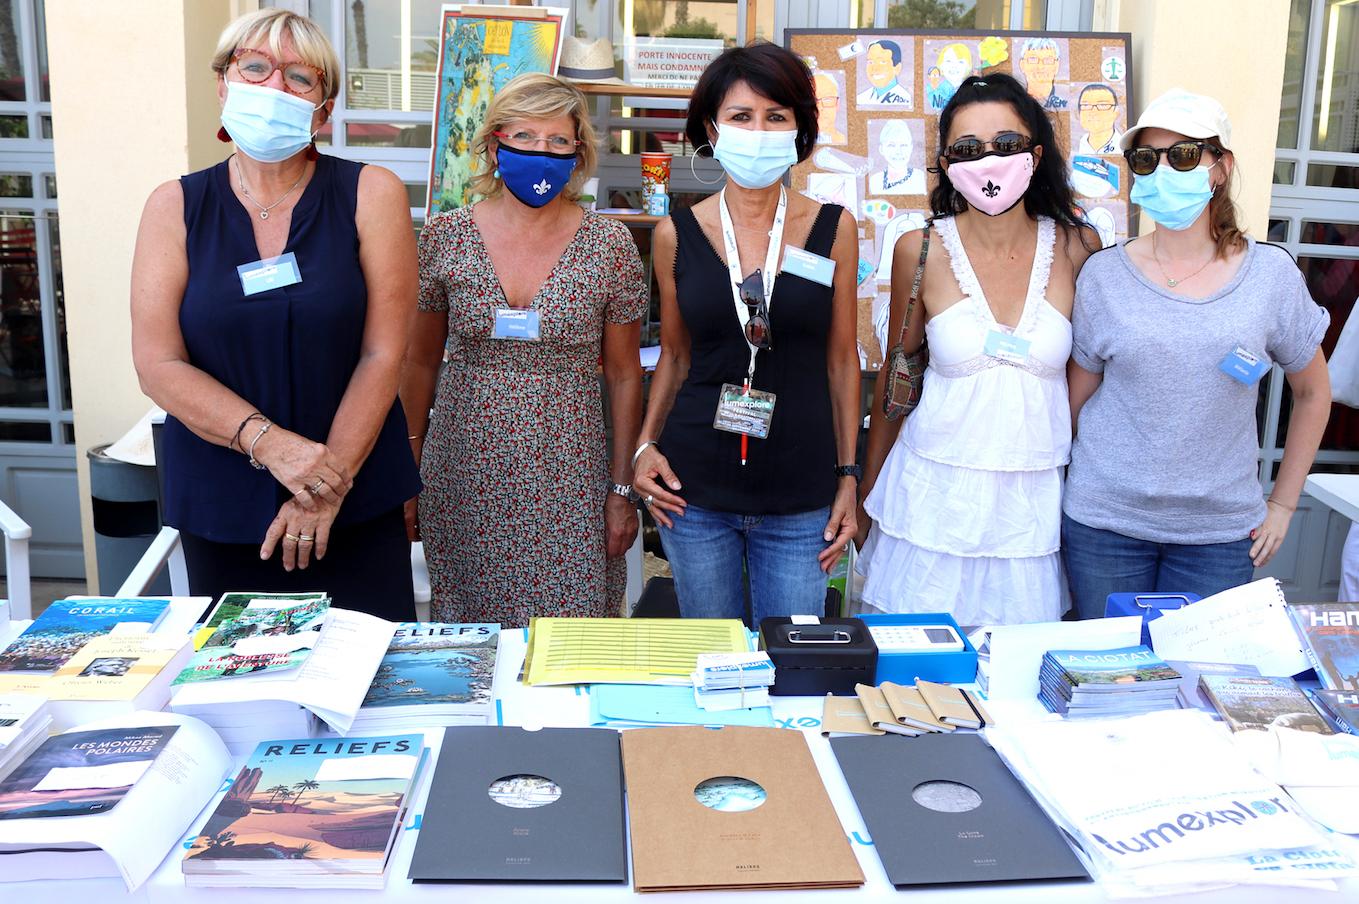 Livres : l'équipe de bénévoles